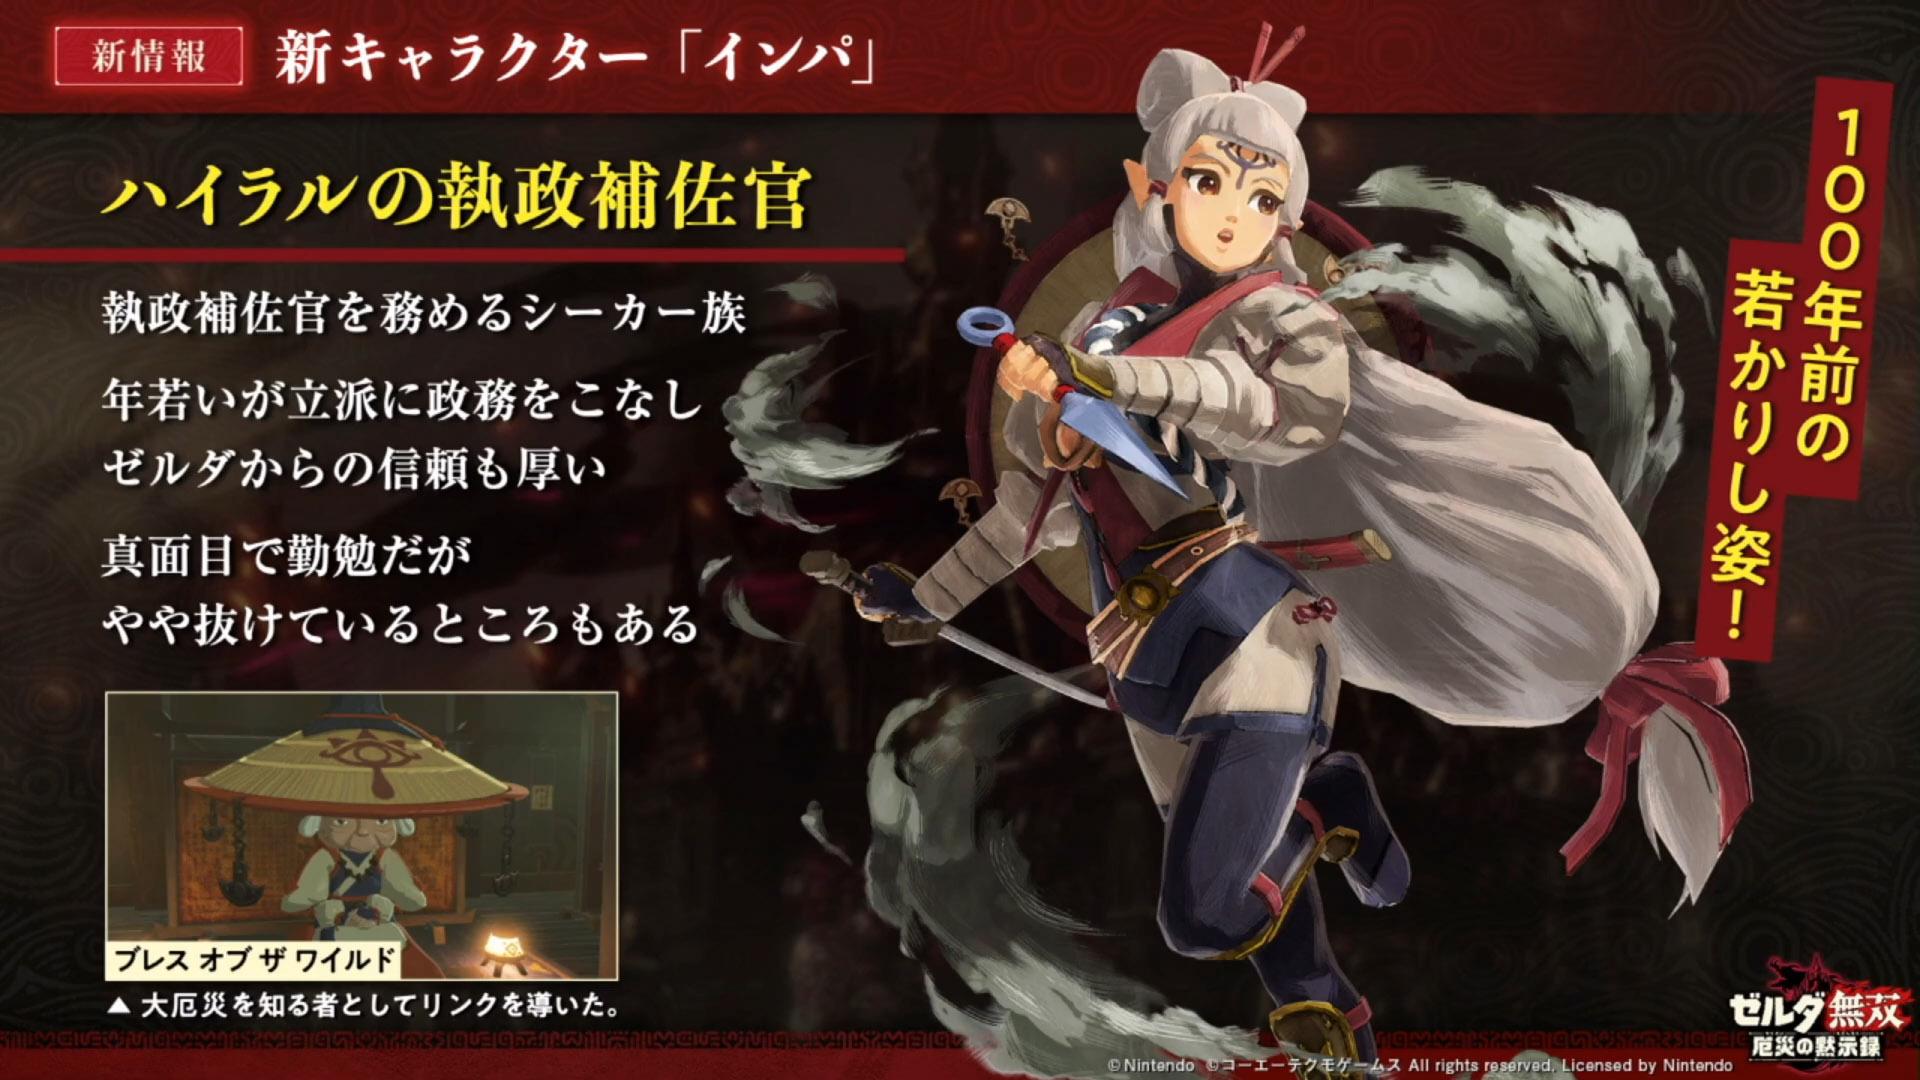 Tokyo Game Show: novinky v Hyrule Warriors: Age of Calamity Hyrule Warriors Age of Calamity PV 09 26 20 Impa